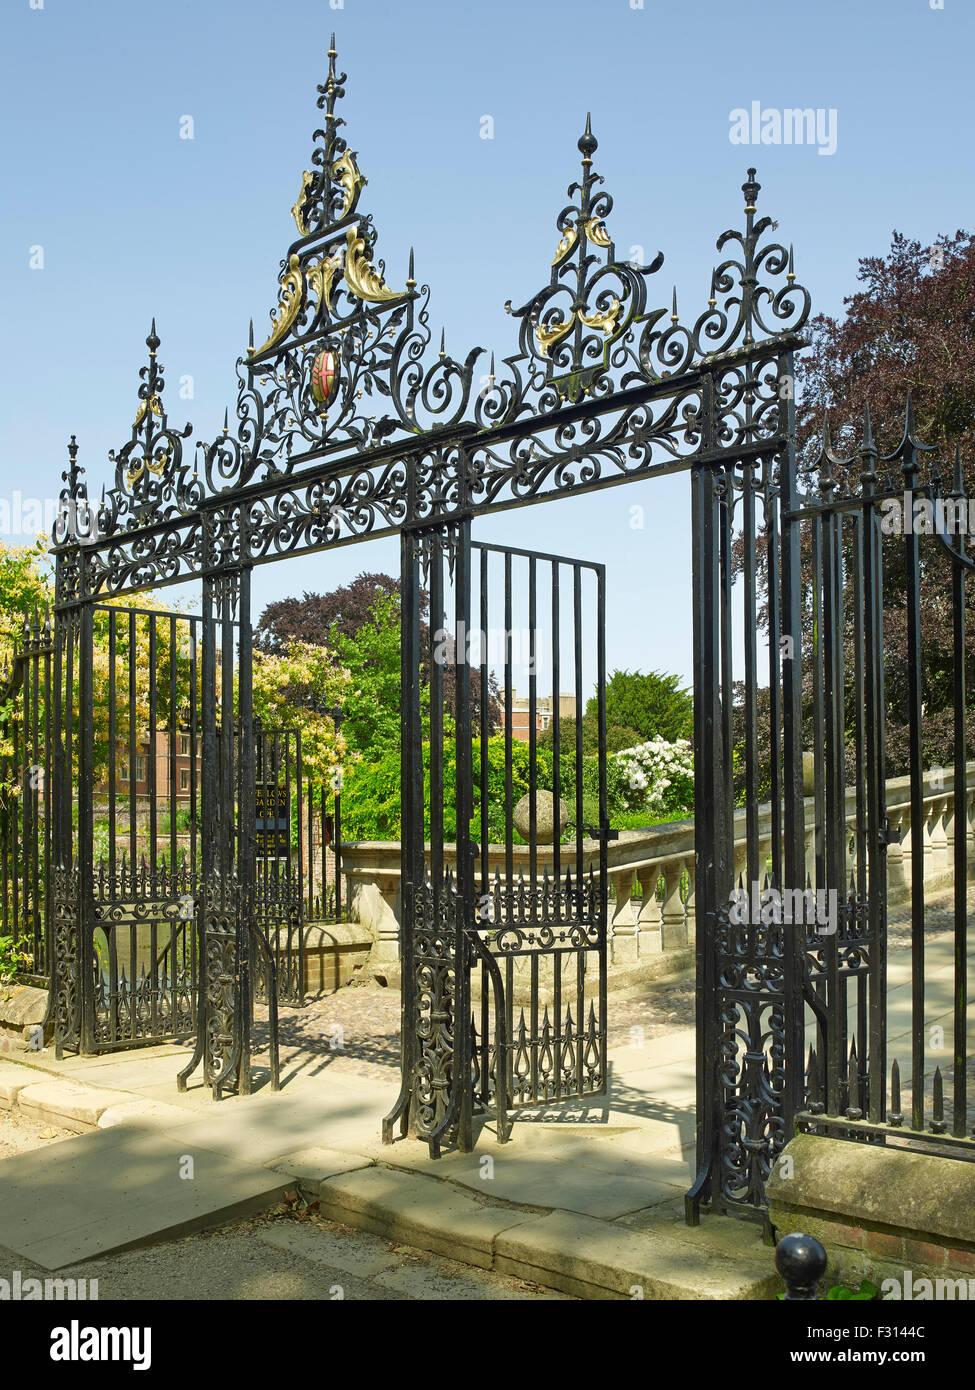 Cambridge, Clare College, gates - Stock Image